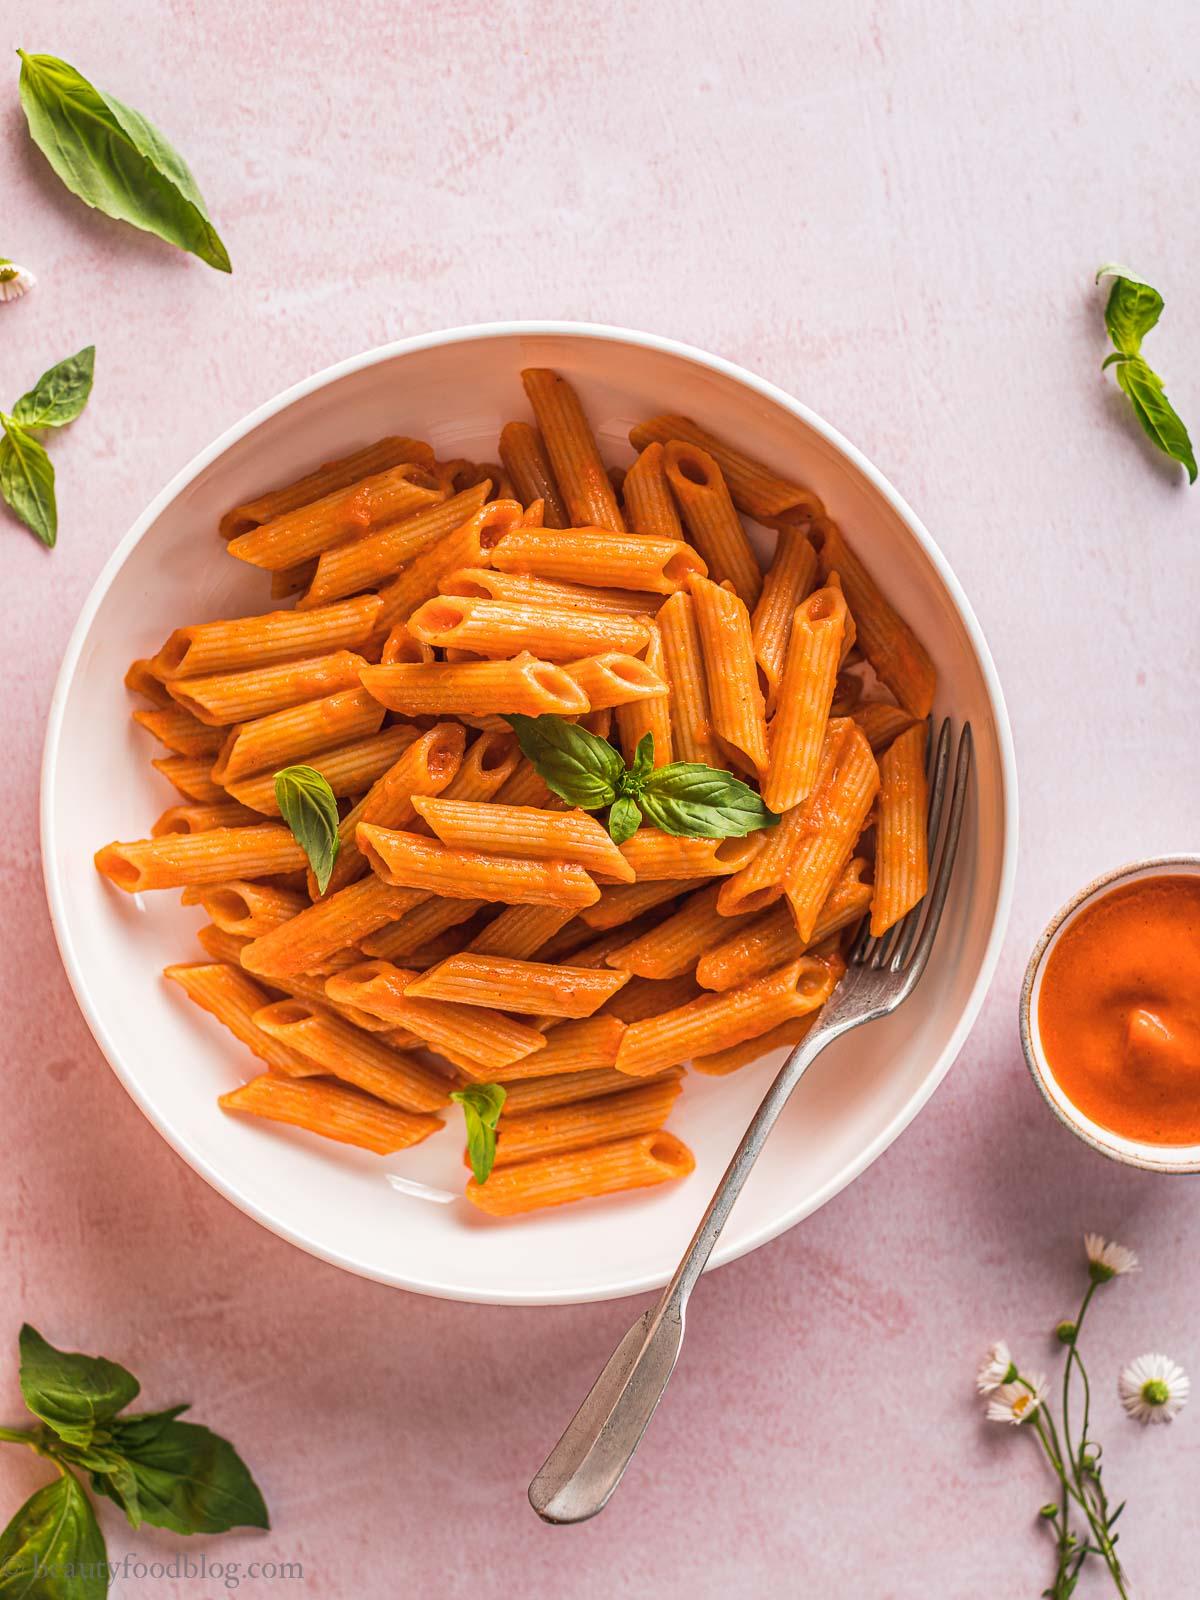 plate with creamy vegan ROASTED RED PEPPER PASTA and basil piatto di pasta conSALSA ai PEPERONI arrostiti e basilico